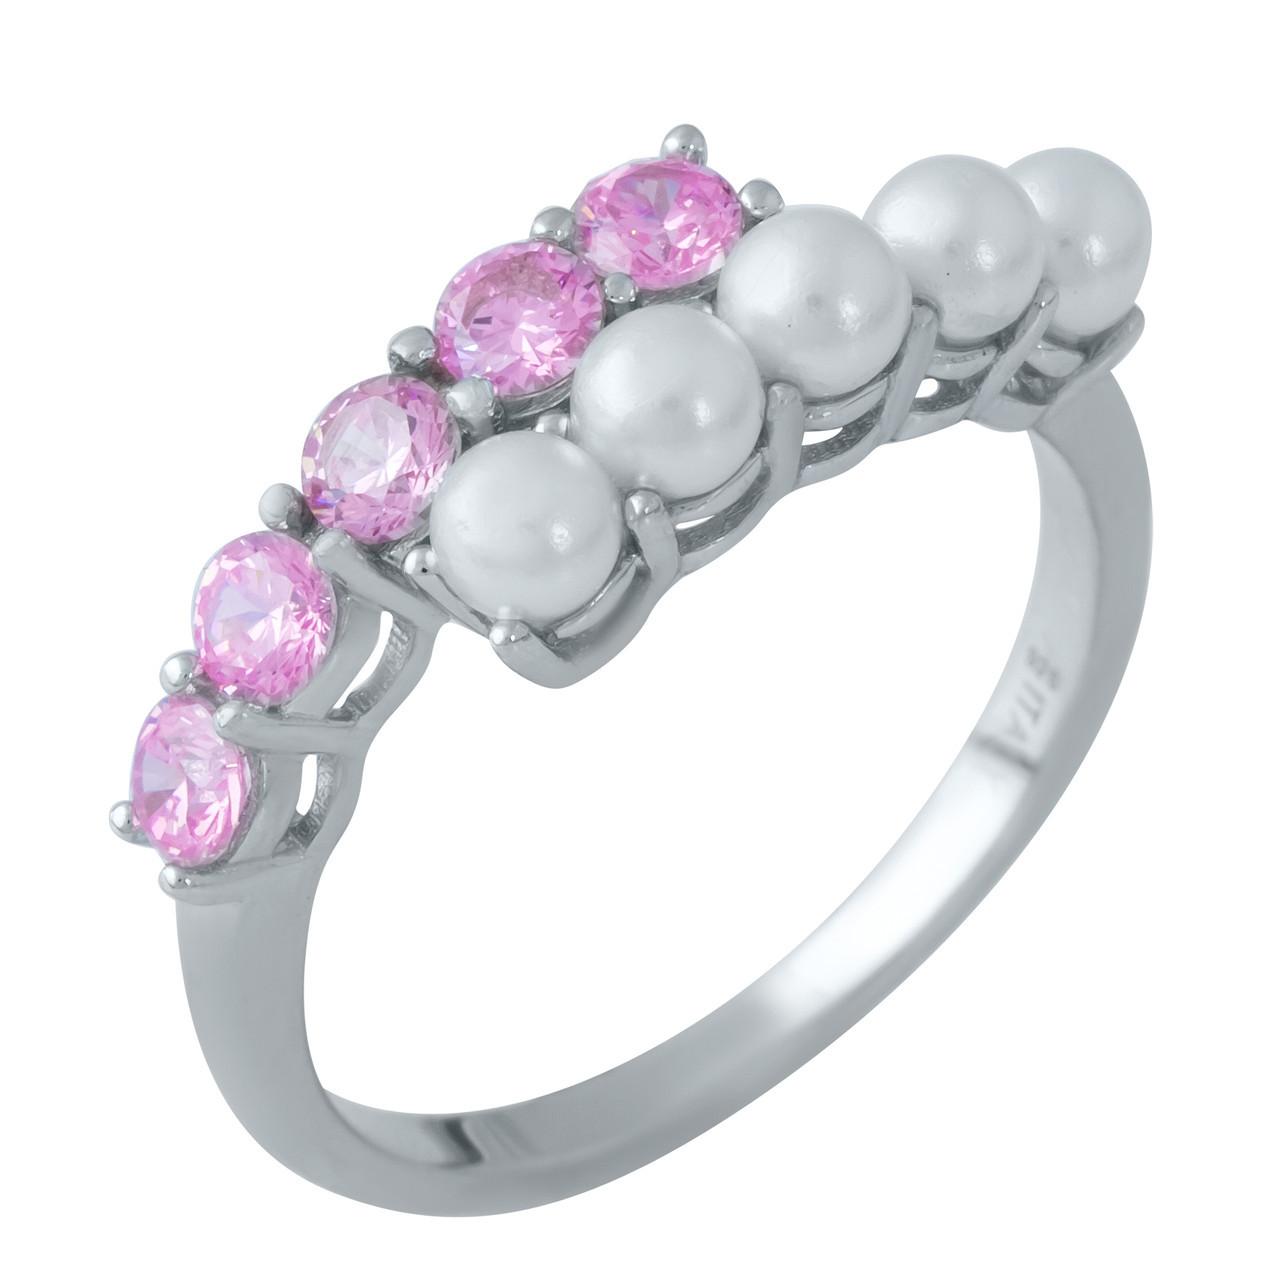 Родированное серебряное кольцо 925 пробы с натуральным перламутром